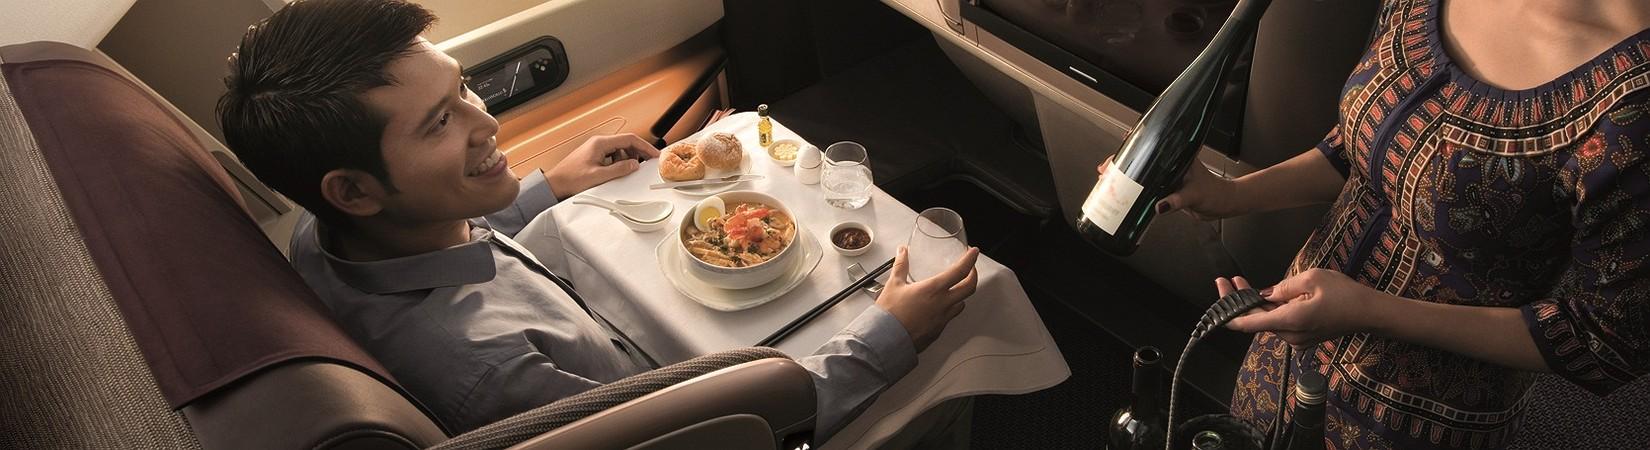 Las 5 aerolíneas con el mejor menú a bordo